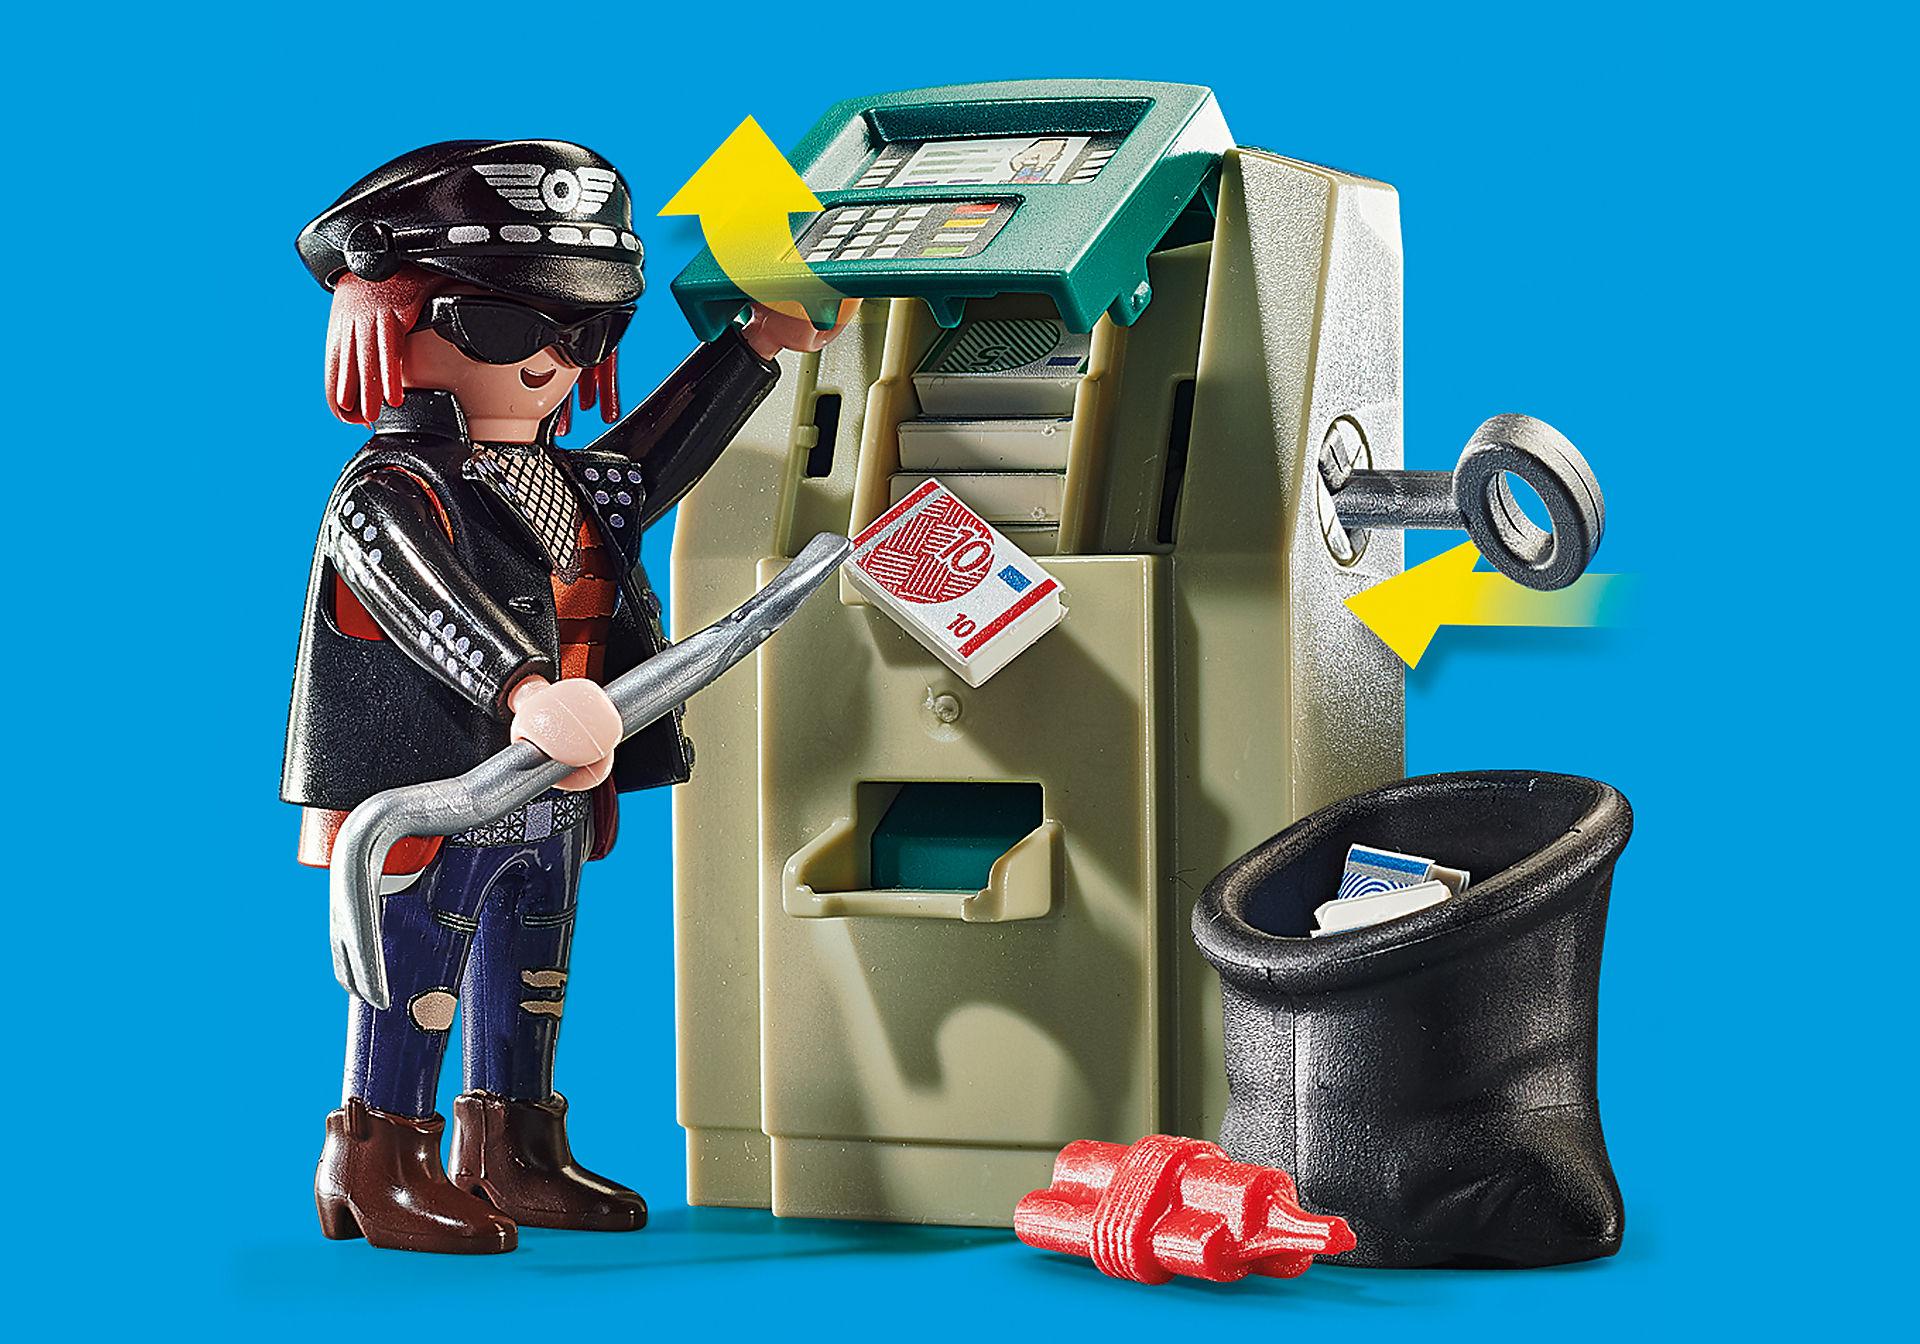 70572 Moto de Polícia: Perseguição do ladrão de dinheiro zoom image4